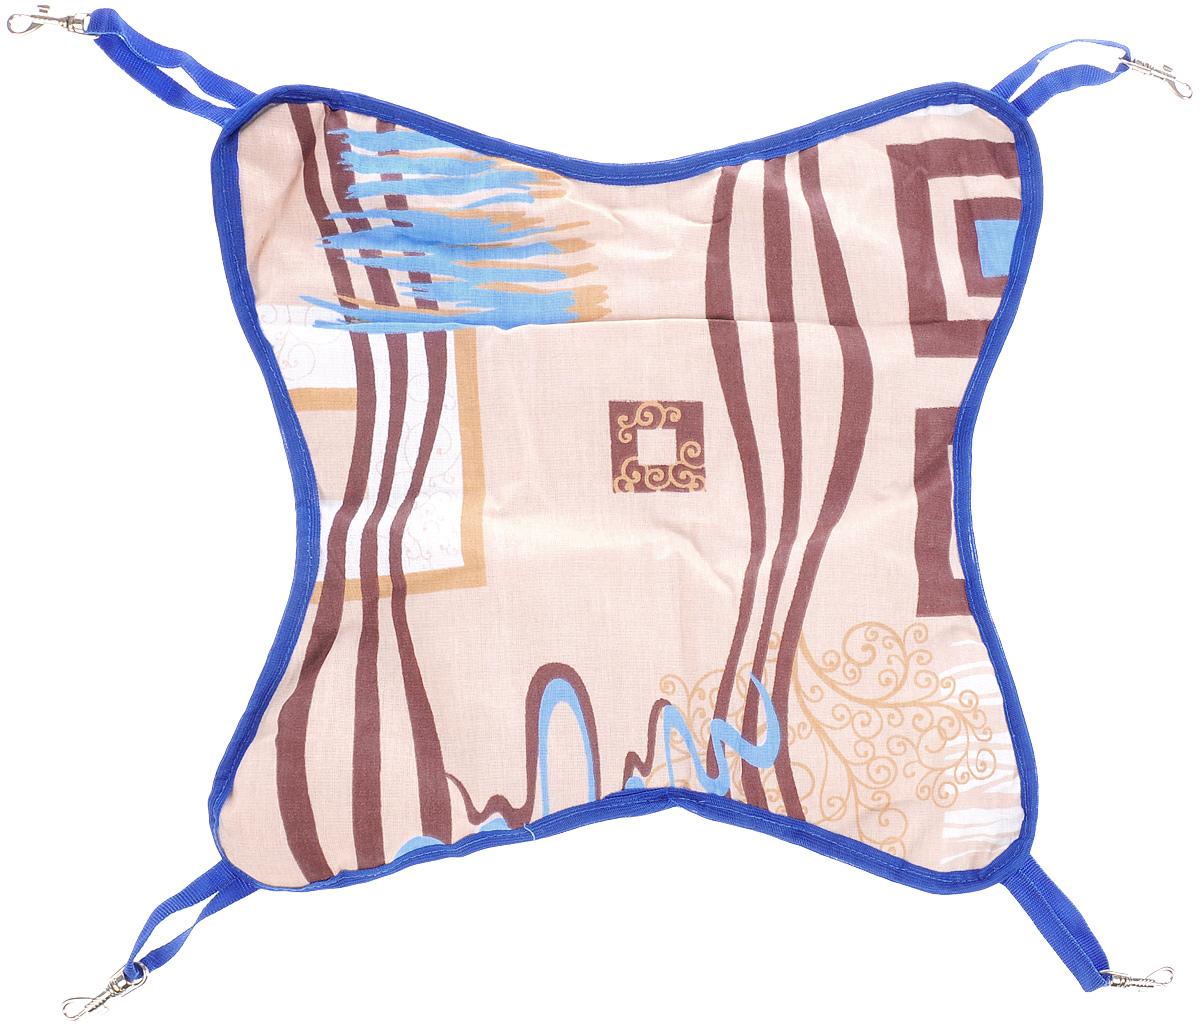 Гамак для шиншилл и хорьков ЗооМарк, подвесной, цвет: бежевый, коричневый, синий. Д-110120710Гамак ЗооМарк станет лучшим подарком для вашего любимца.Гамак выполнен из высококачественных материалов и оснащен 4 специальными креплениями на карабинах. Мягкий подвесной гамак ЗооМарк надолго привлечет внимание животного и обеспечит интересным времяпровождением. Размеры изделия: 40 х 40 см. Длина крепления (без учета карабина): 9 см.